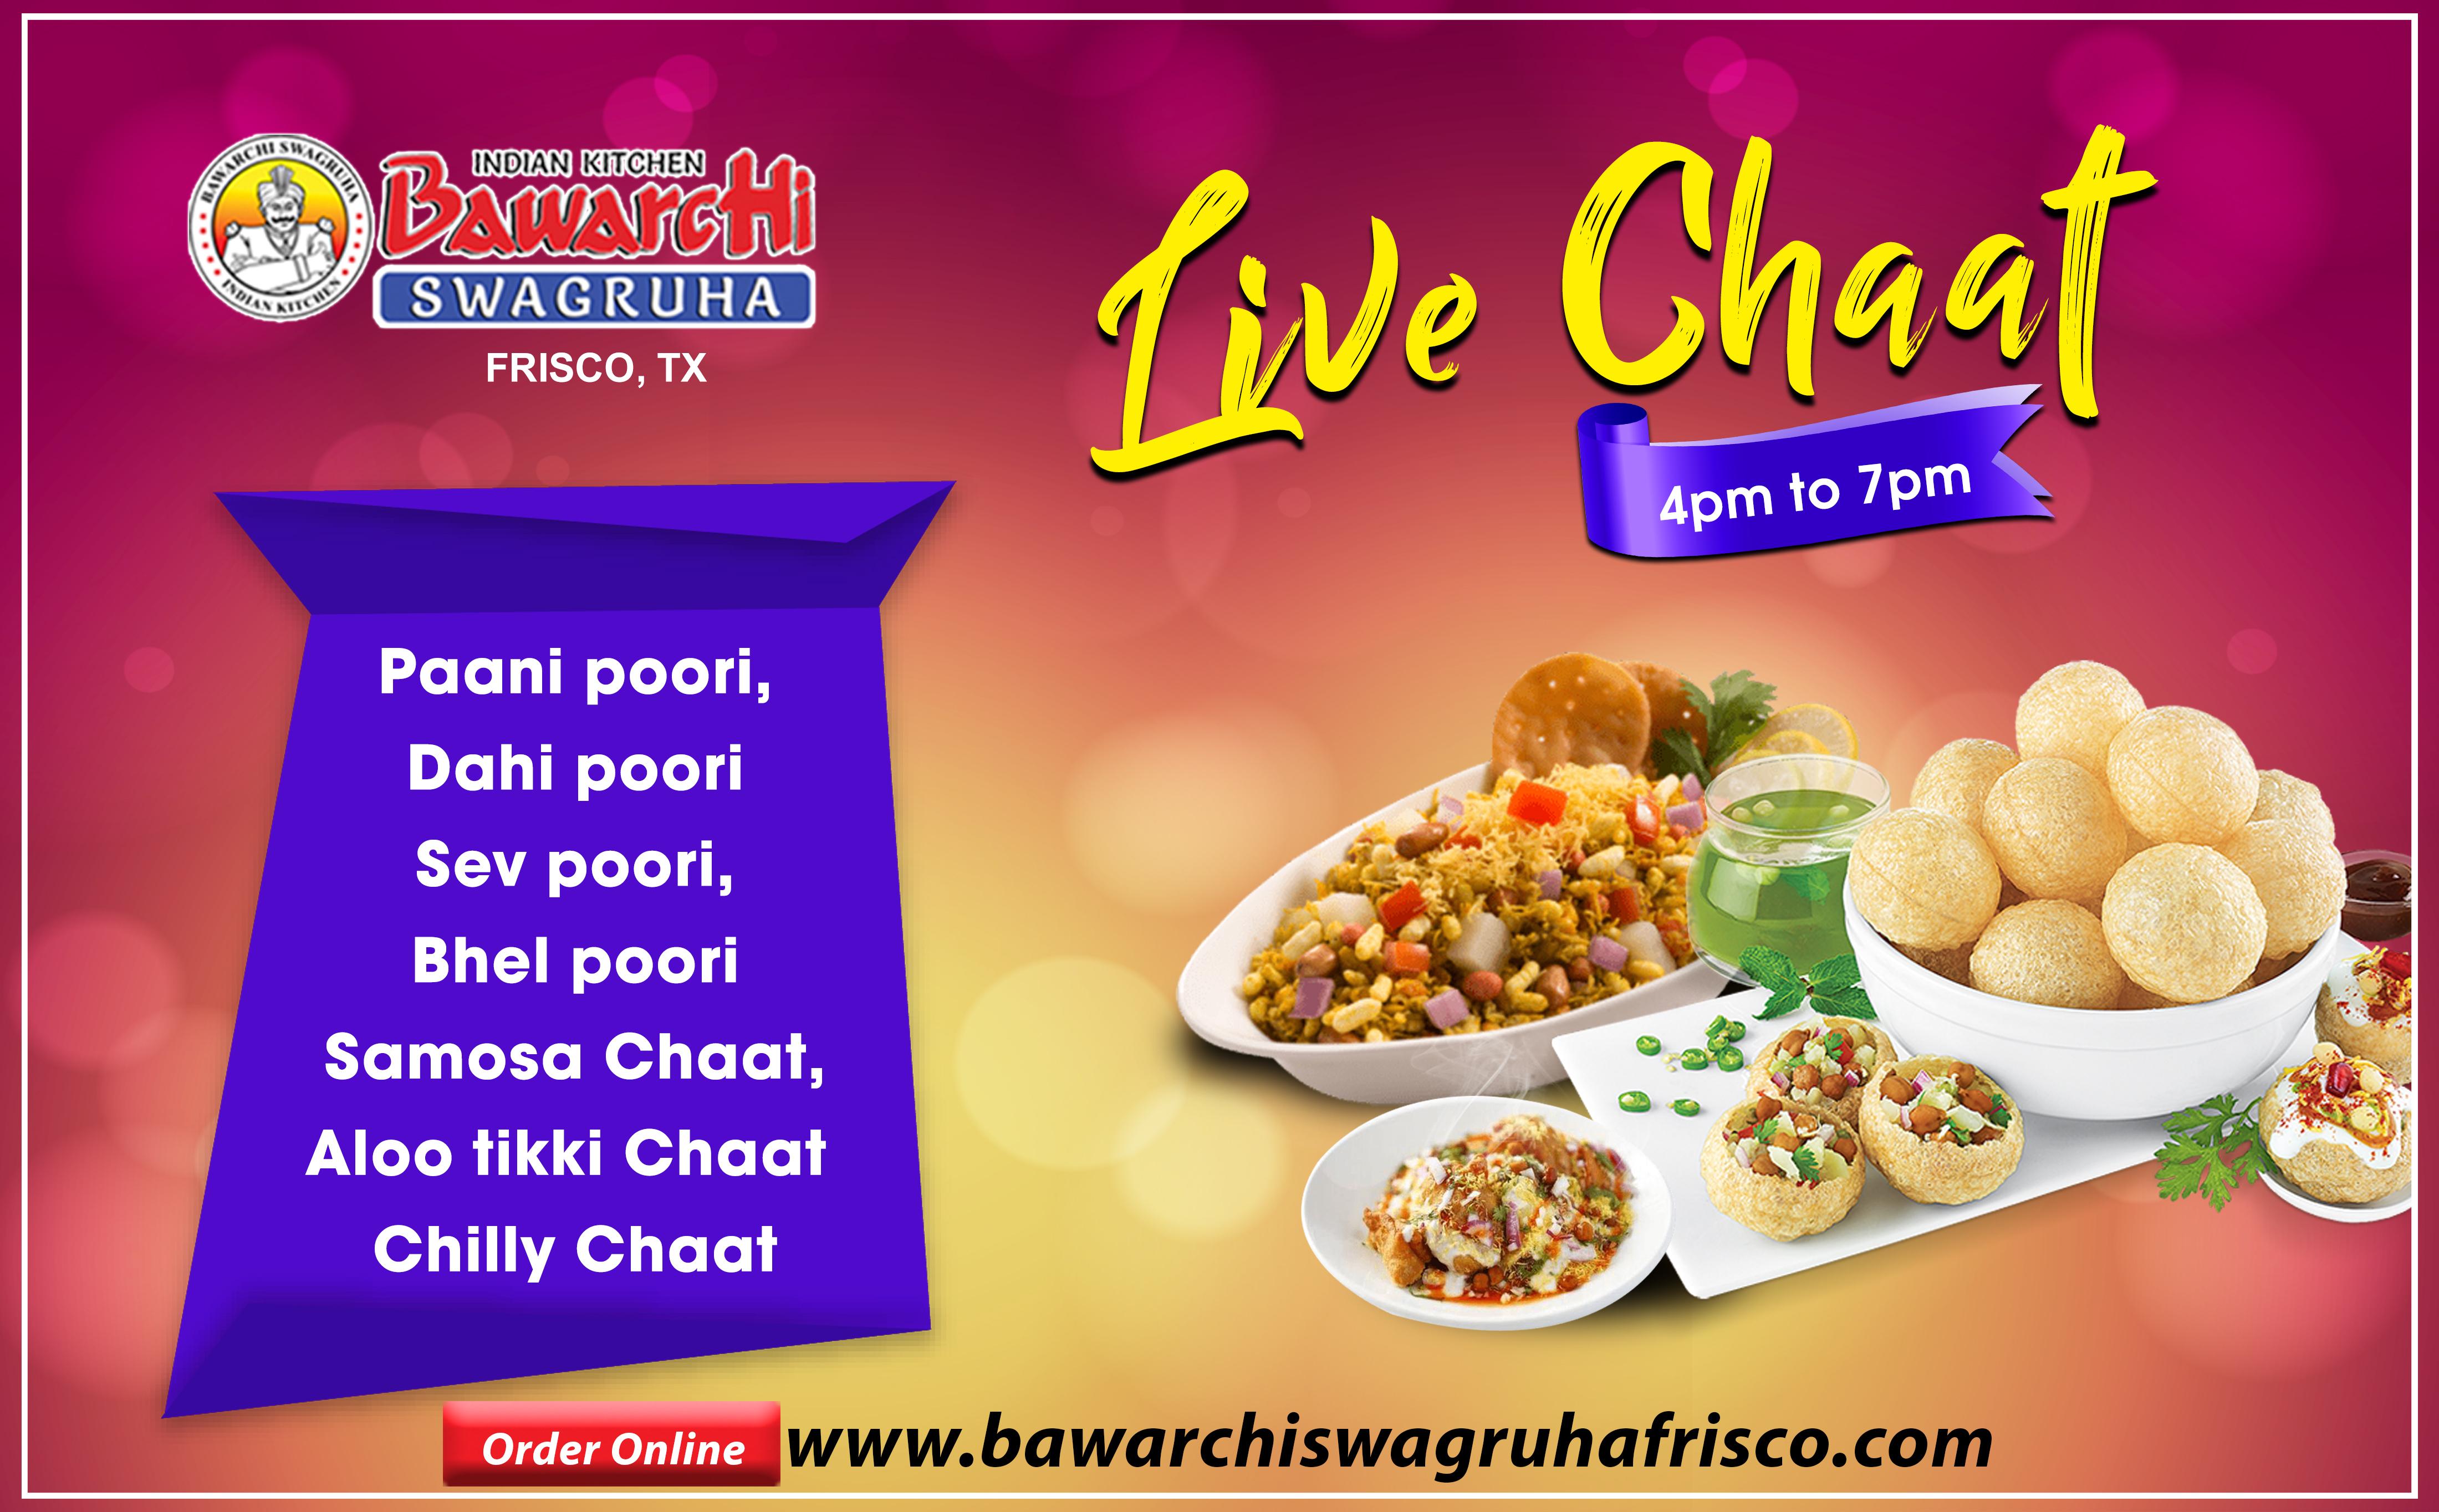 Live Chaat